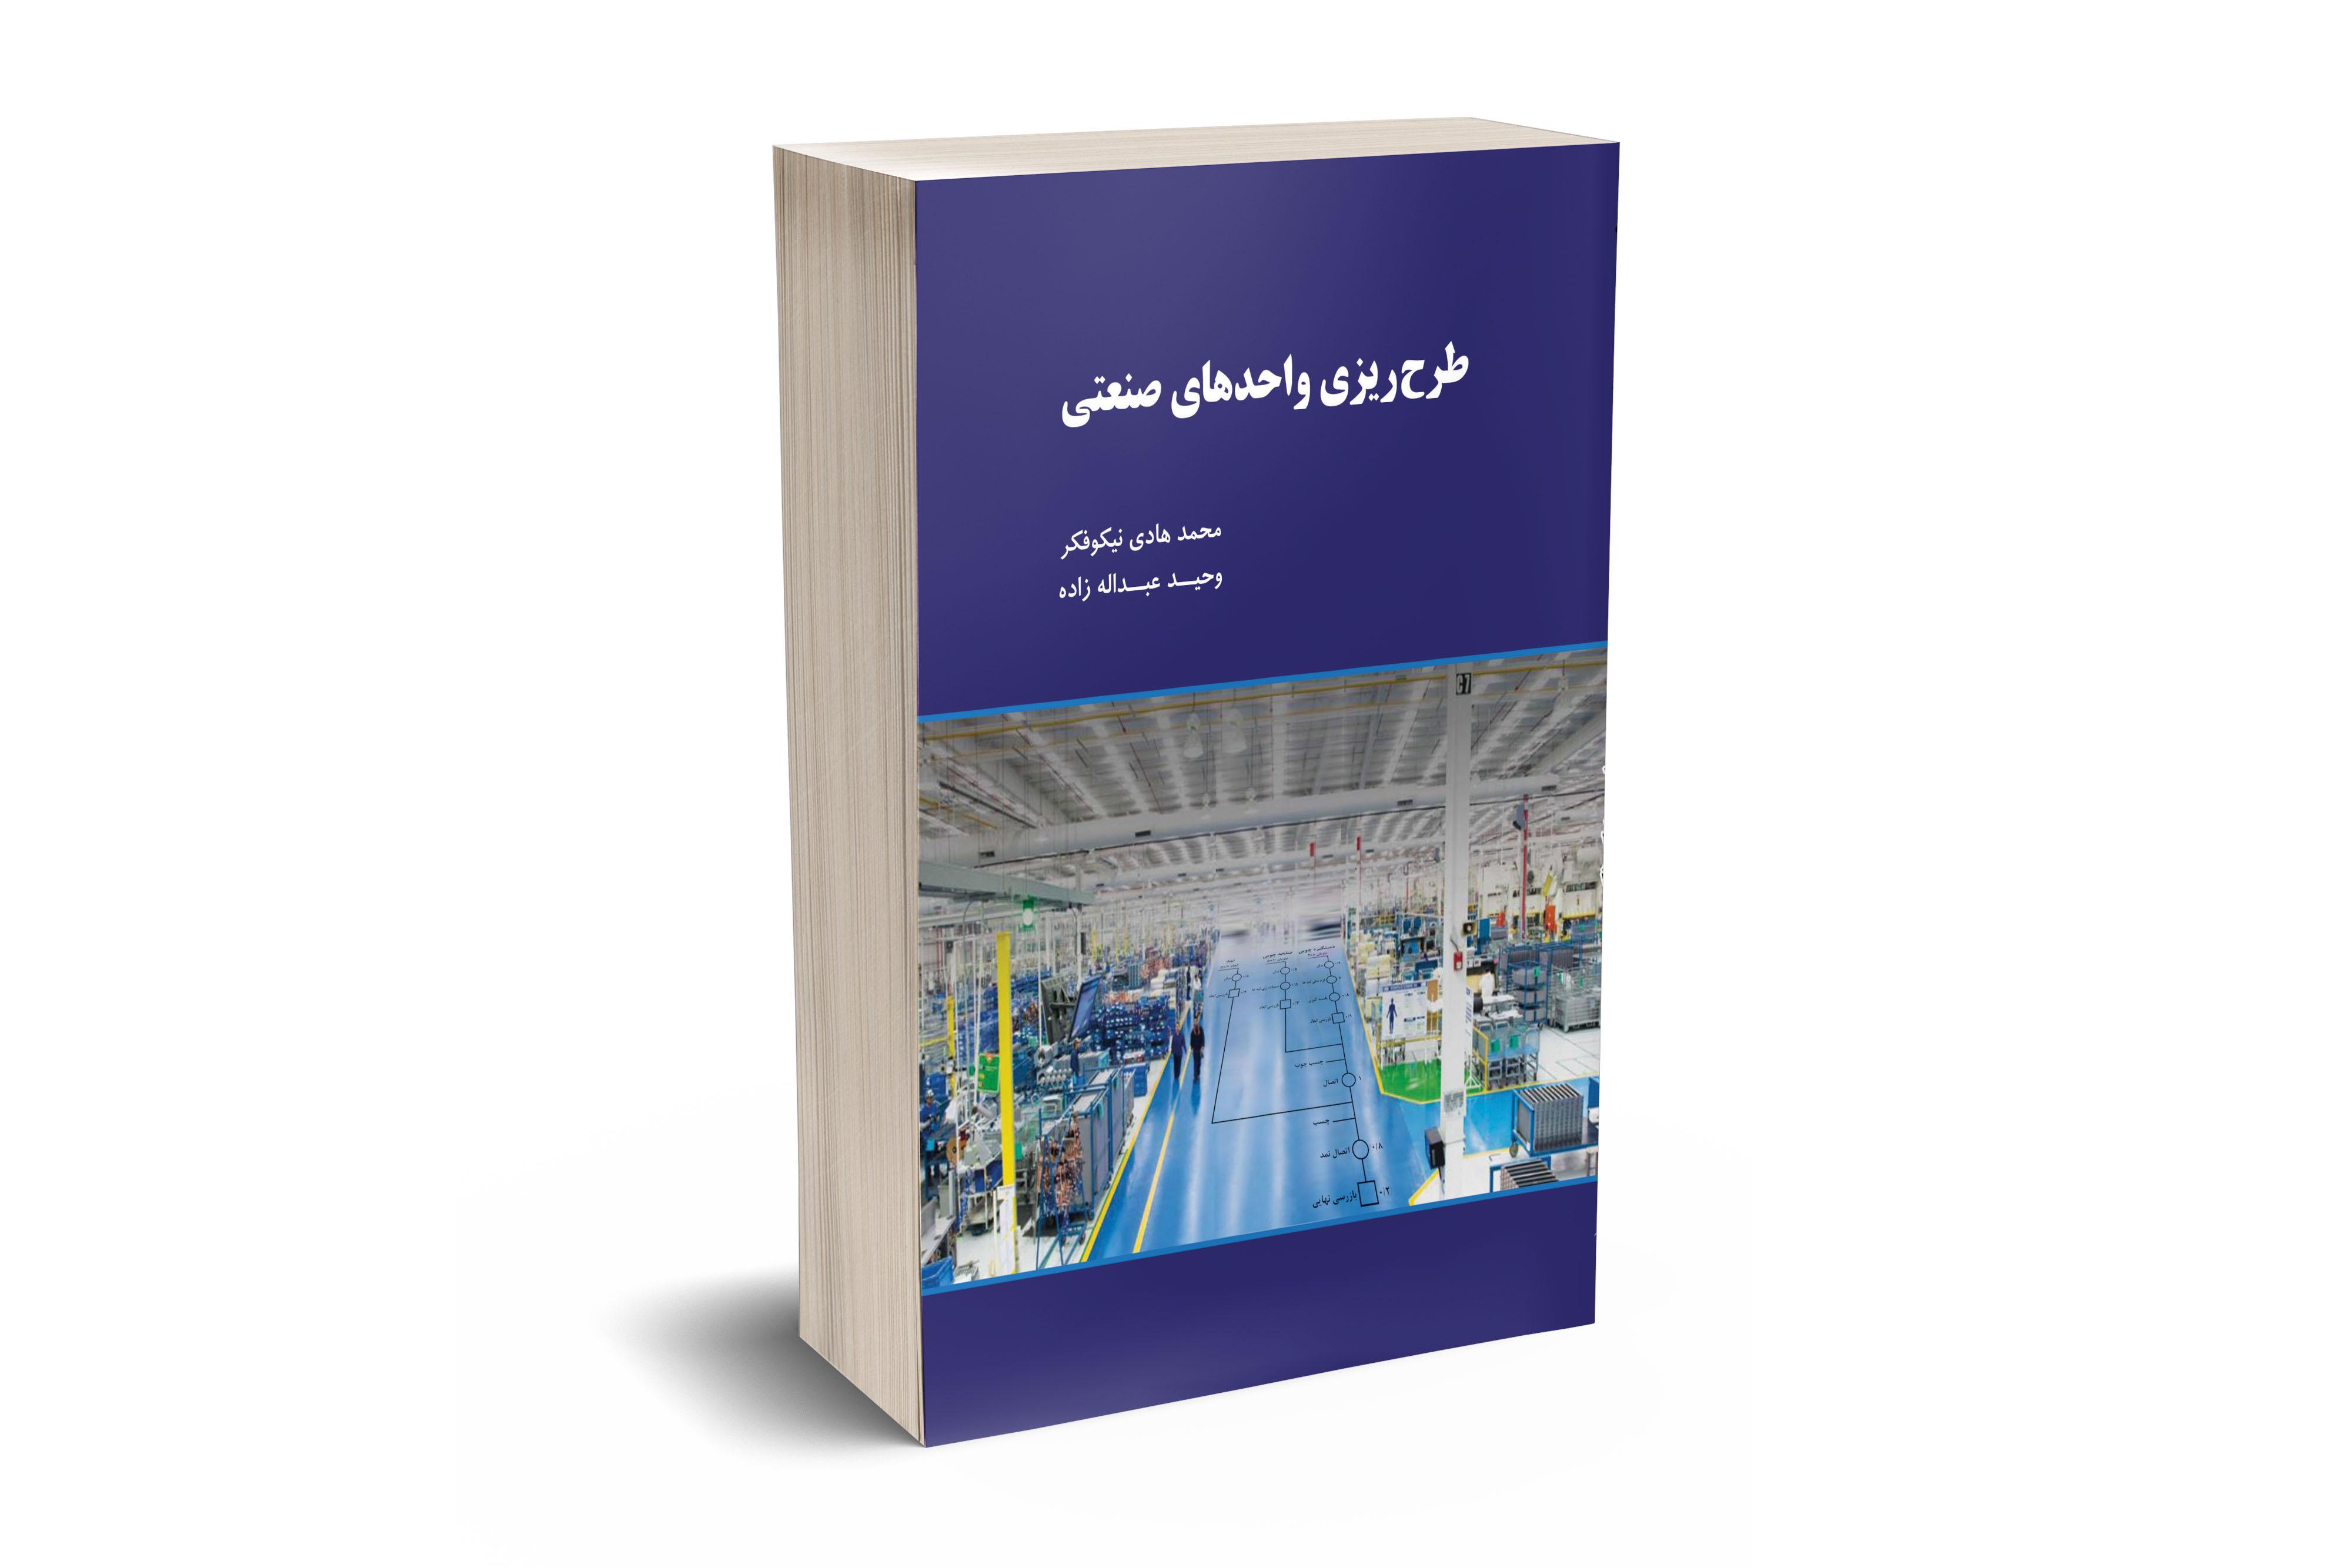 طرح ریزی واحدهای صنعتی